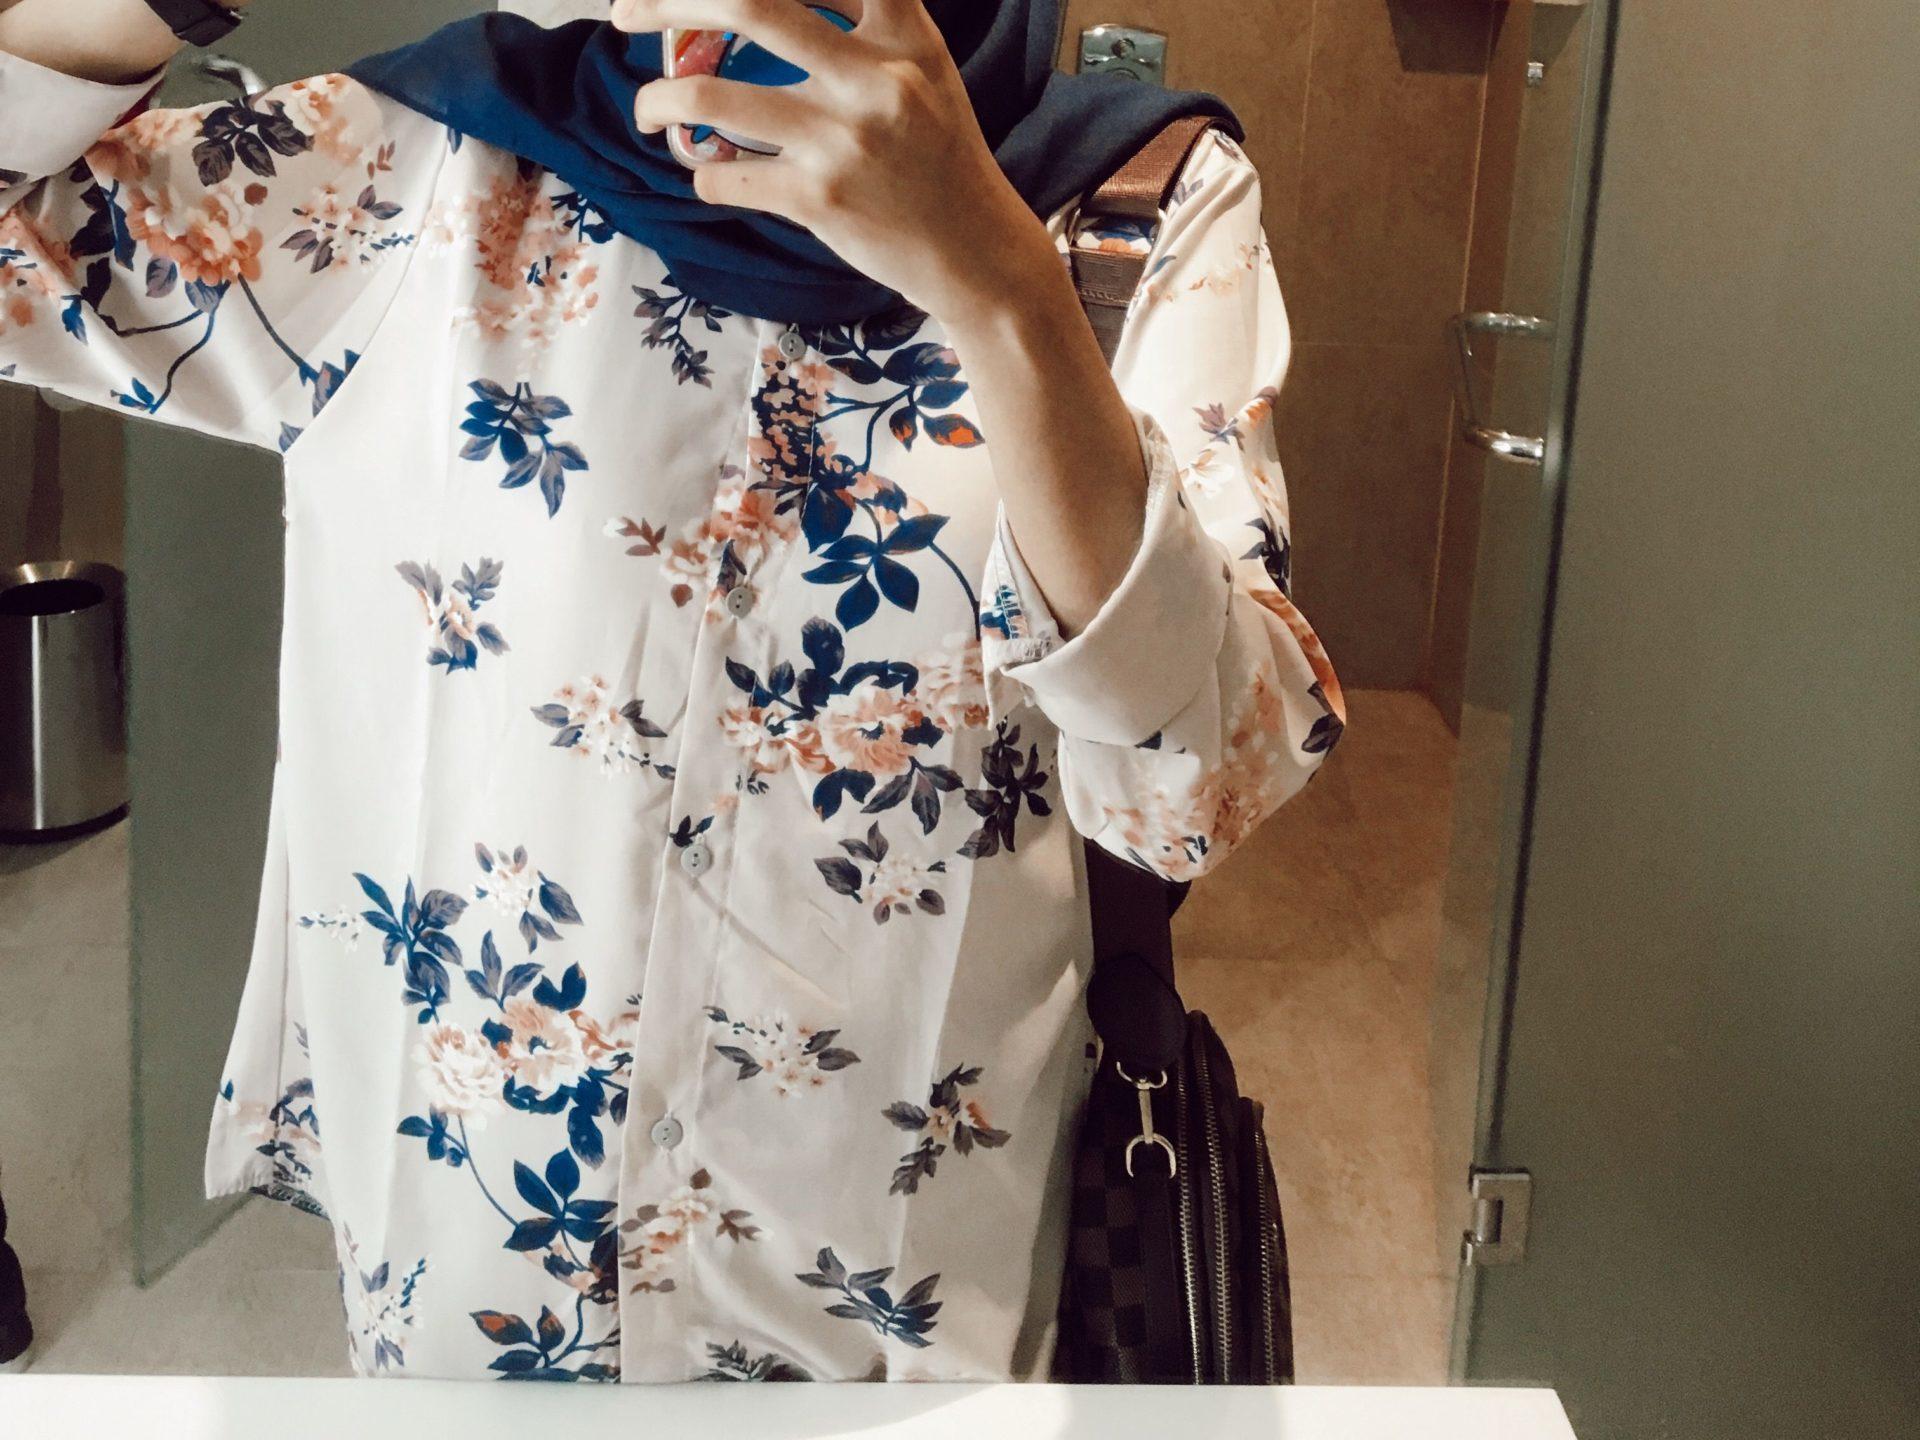 Dulu Rajin Post Gambar Ke Media Sosial, Gadis Serik Lepas Kena Pandangan 'Ain